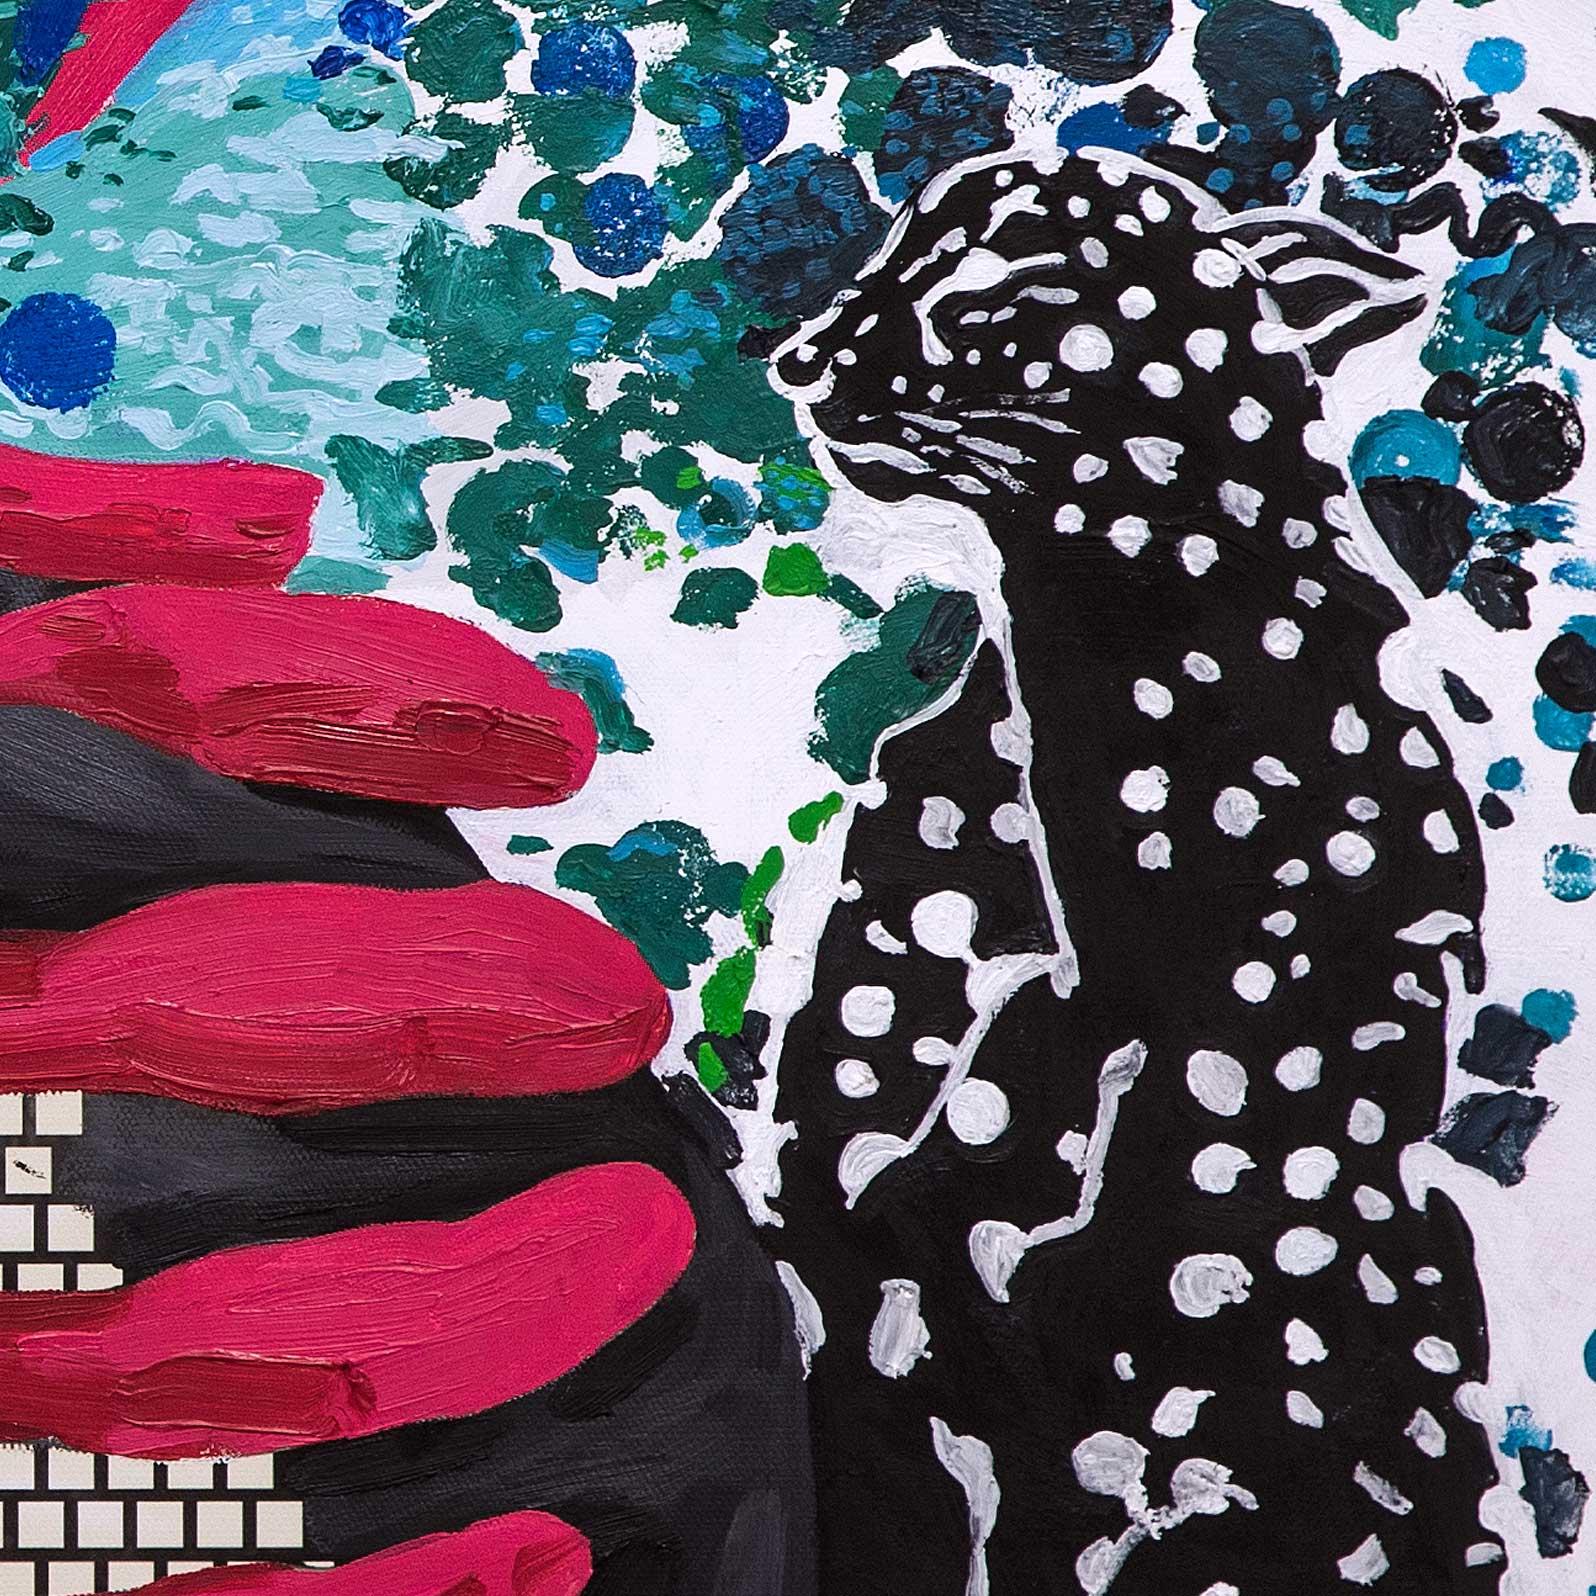 Anca Stefanescu | Contemporary Creative Painter, Messengers